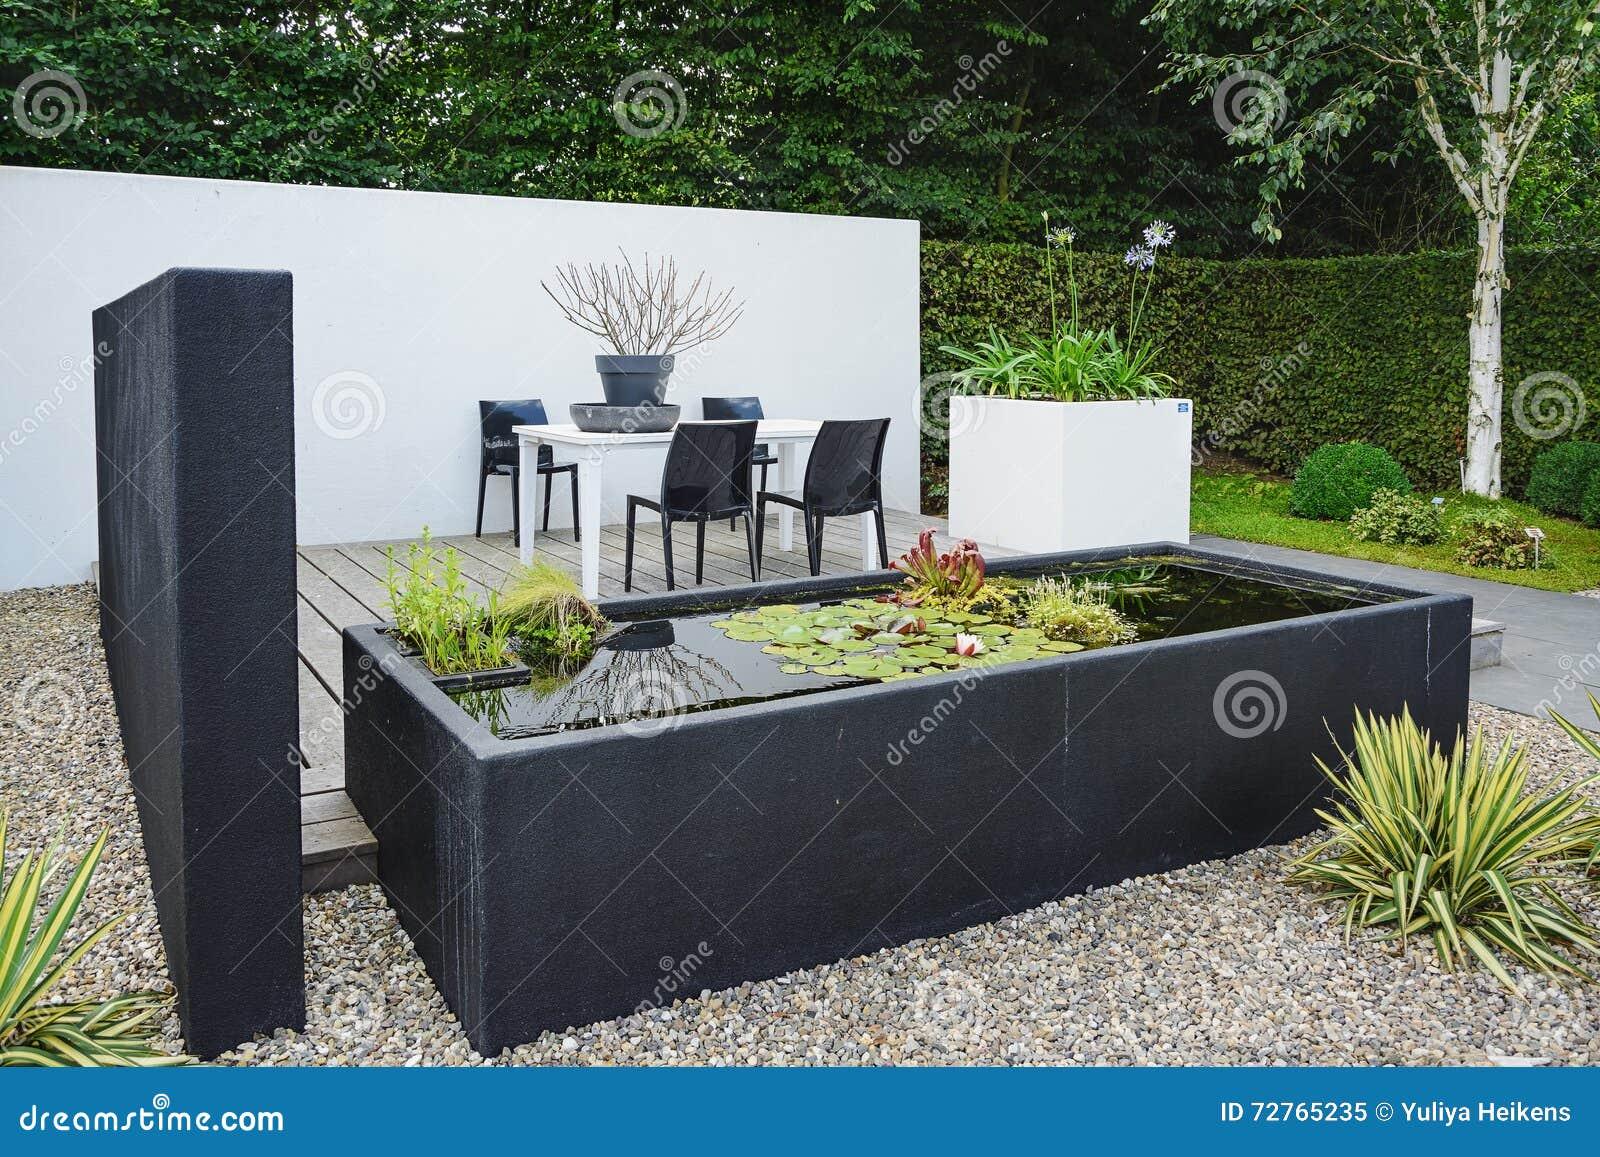 Immagini Di Giardini Moderni : Giardino con mobili da giardino moderni e lo stagno davanguardia